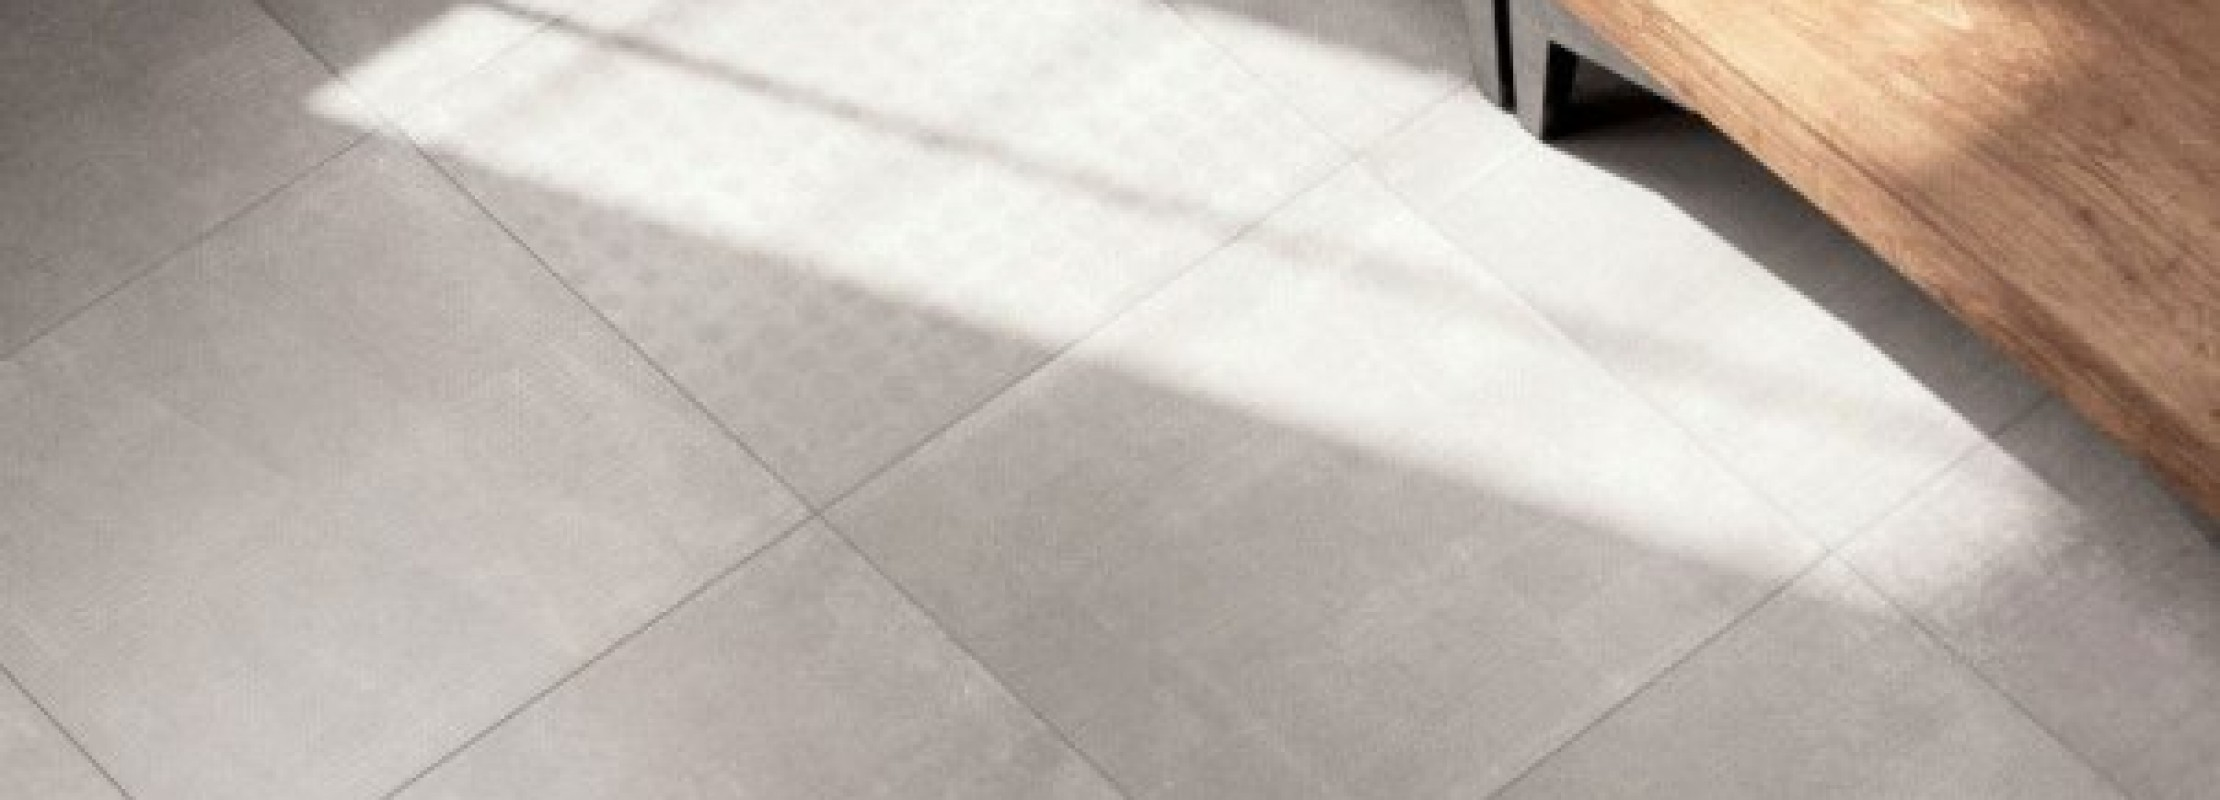 Come Togliere Macchie Di Acido Dal Marmo.Come Pulire Il Gres Porcellanato Effetto Marmo Blog Edilnet